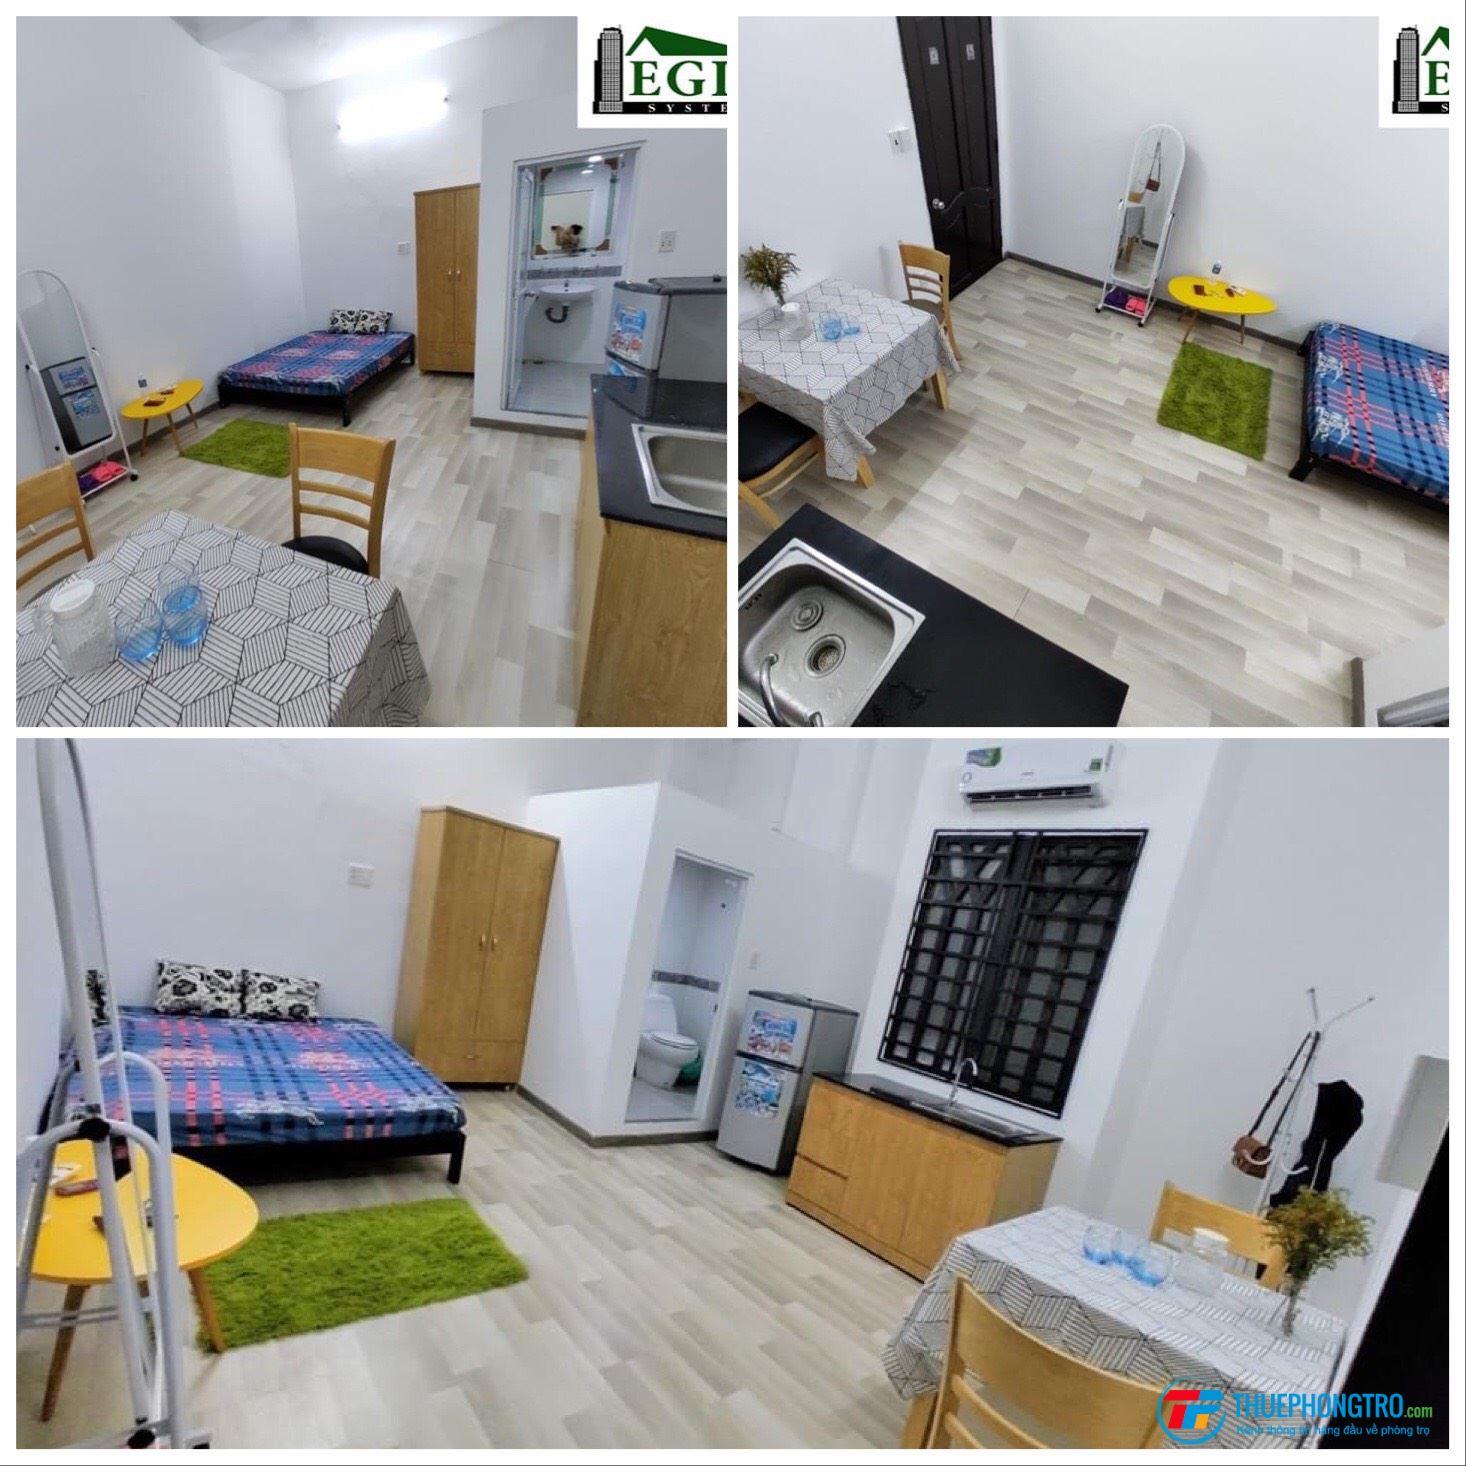 Căn hộ, phòng trọ đa dạng diện tích, không gian, khu vực Cộng Hòa, Tân Bình